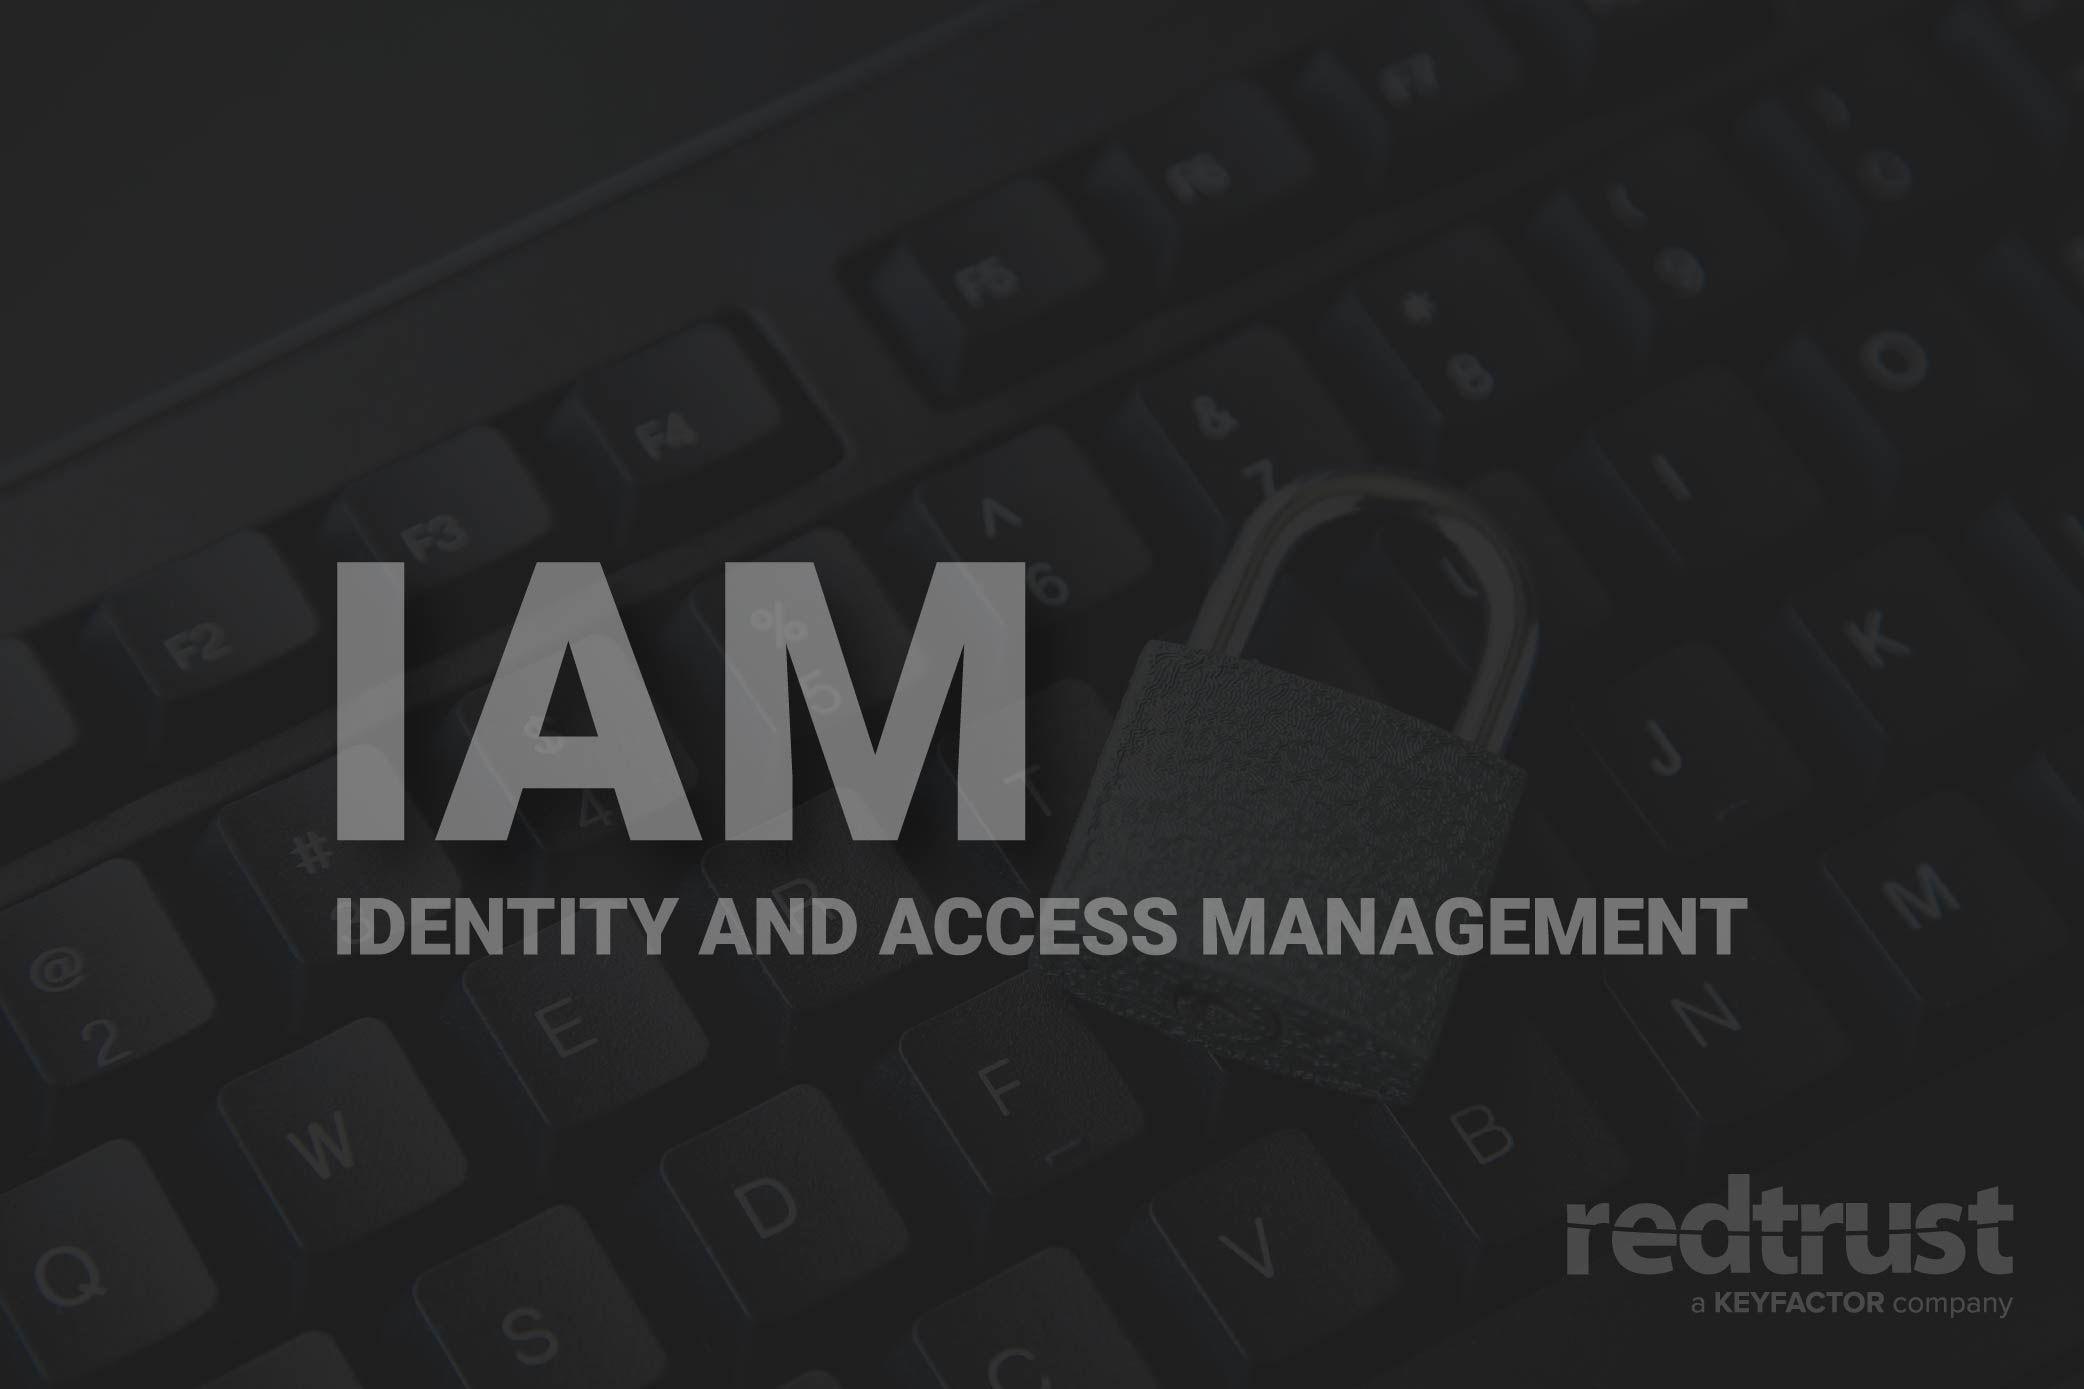 Redtrust impulsado por las nuevas tendencias en las estrategias de gestión de accesos e identidad